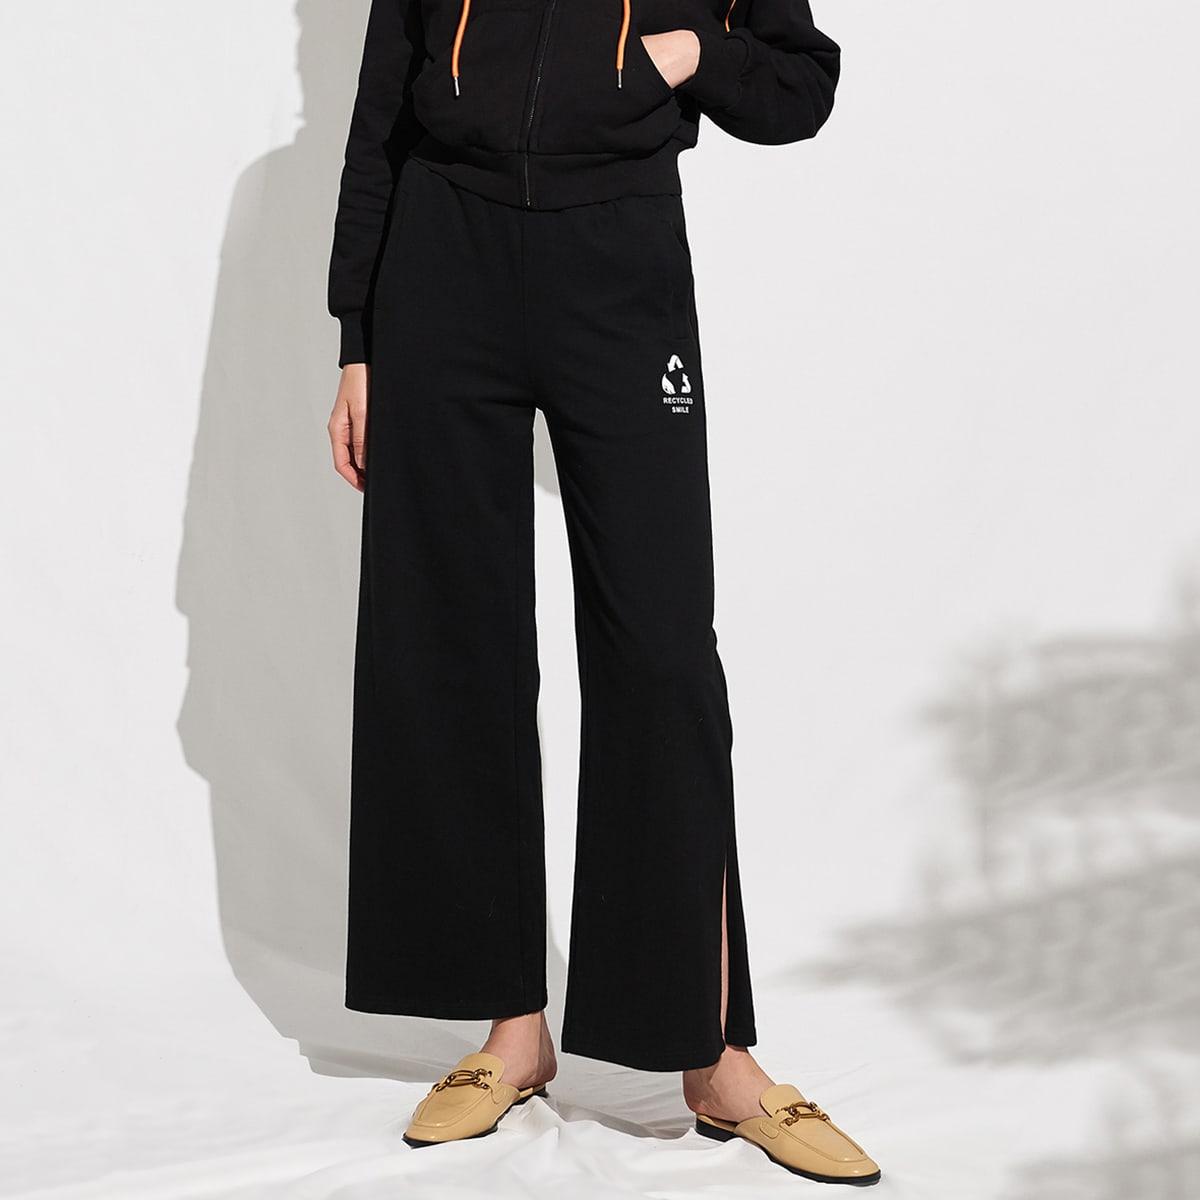 Широкие брюки из хлопка с текстовым принтом